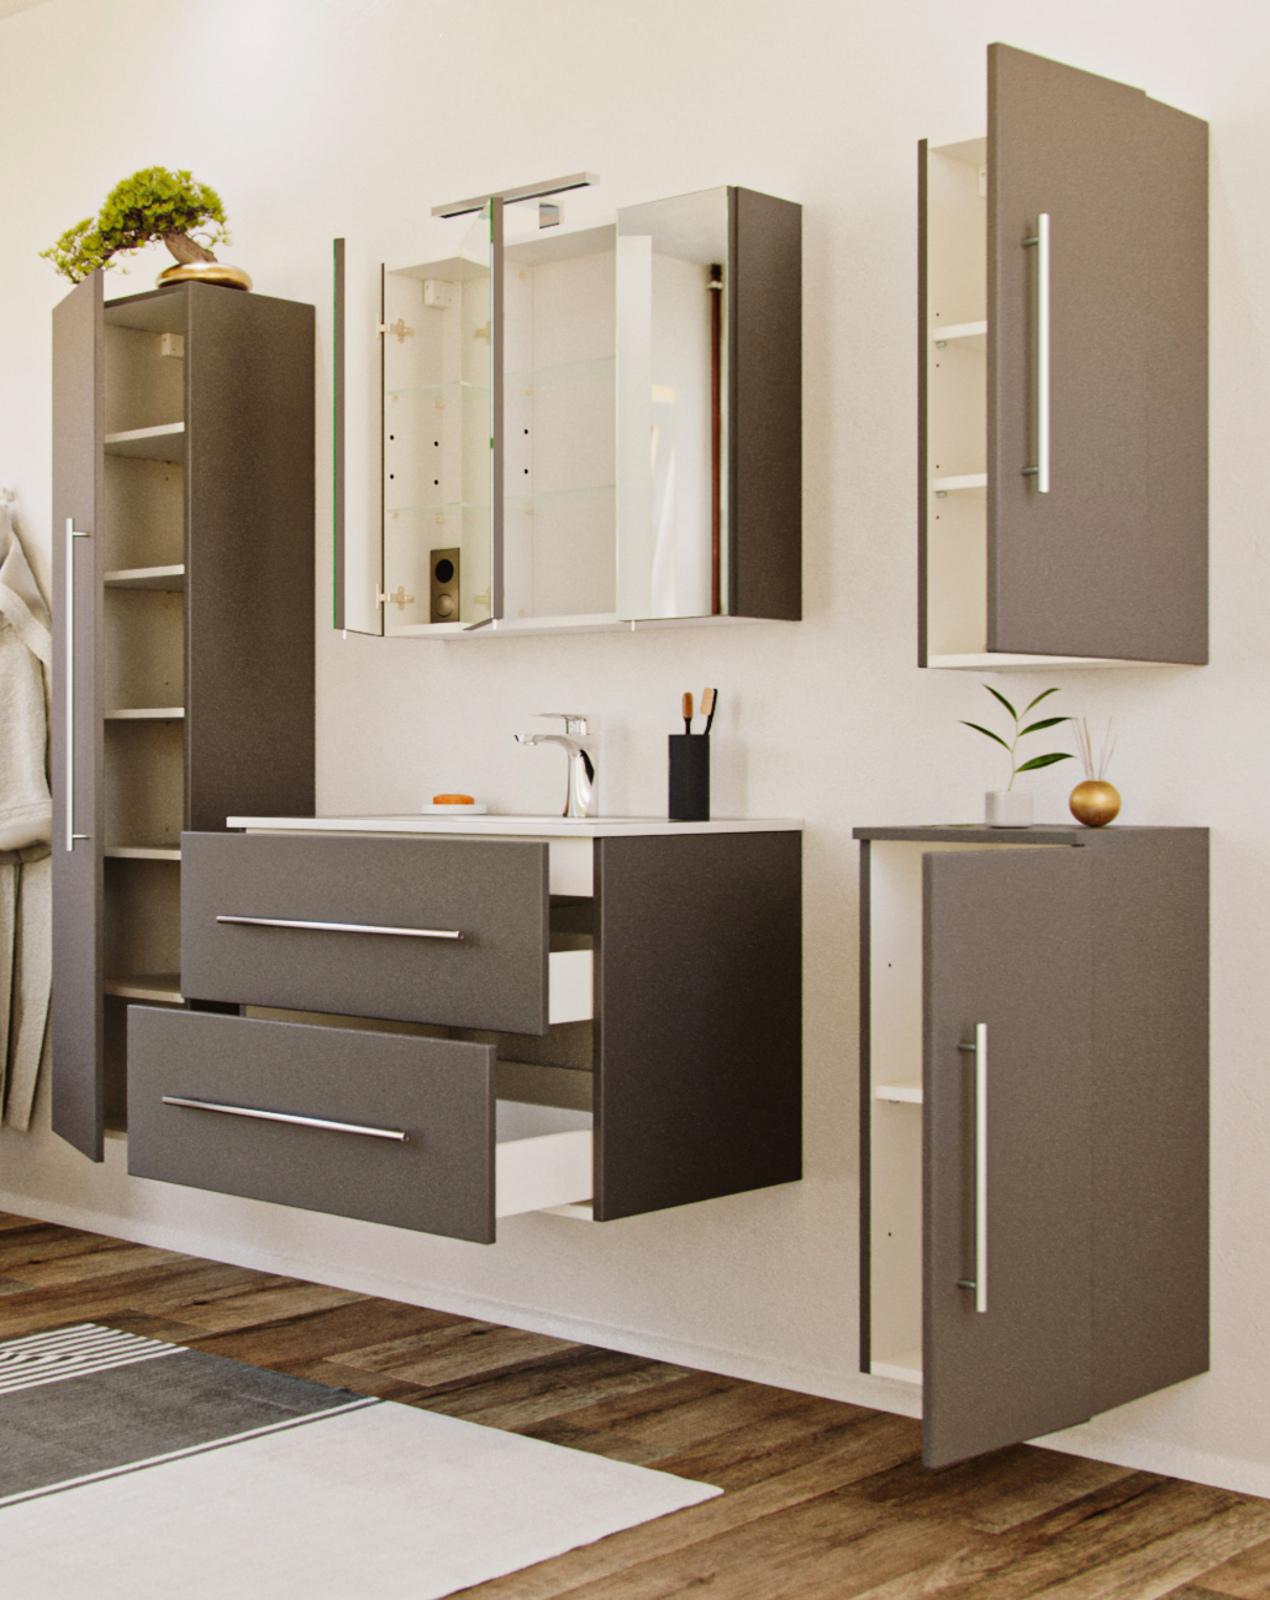 Wohnzimmer Modern : Eckschrank Wohnzimmer Modern ~ Inspirierende ... Eckschrank Wohnzimmer Modern